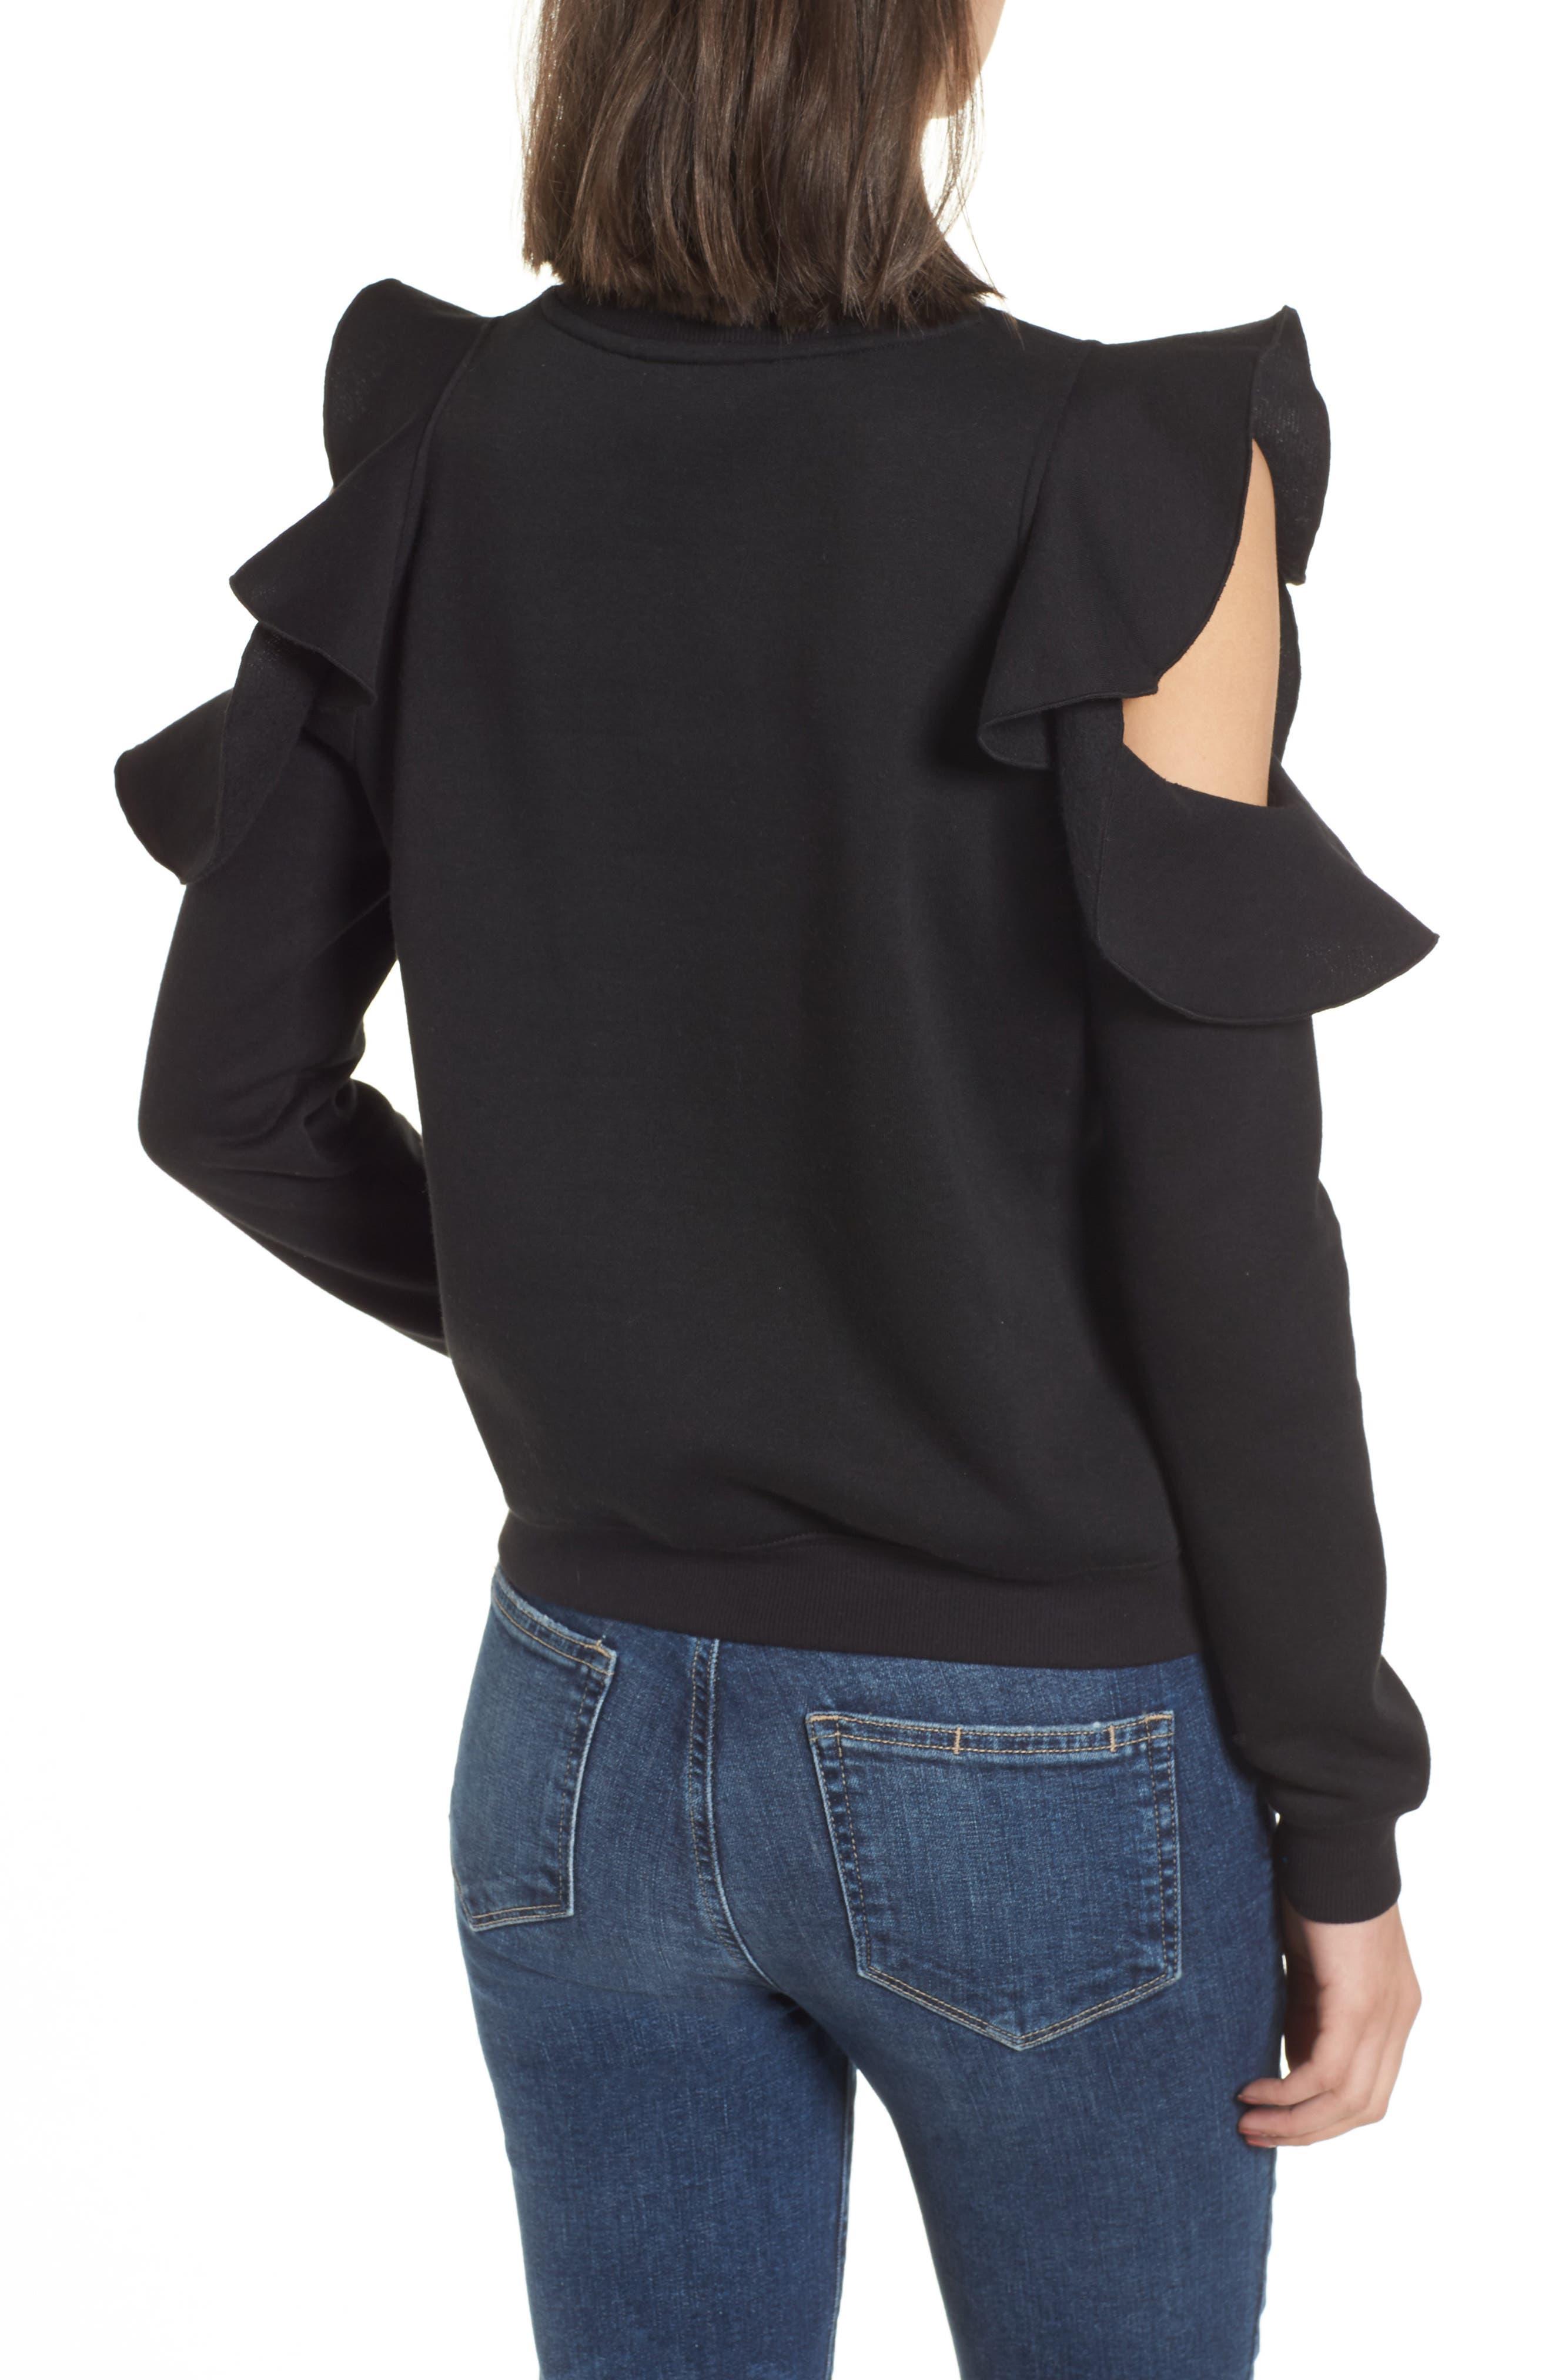 Gracie Cold Shoulder Sweatshirt,                             Alternate thumbnail 2, color,                             001